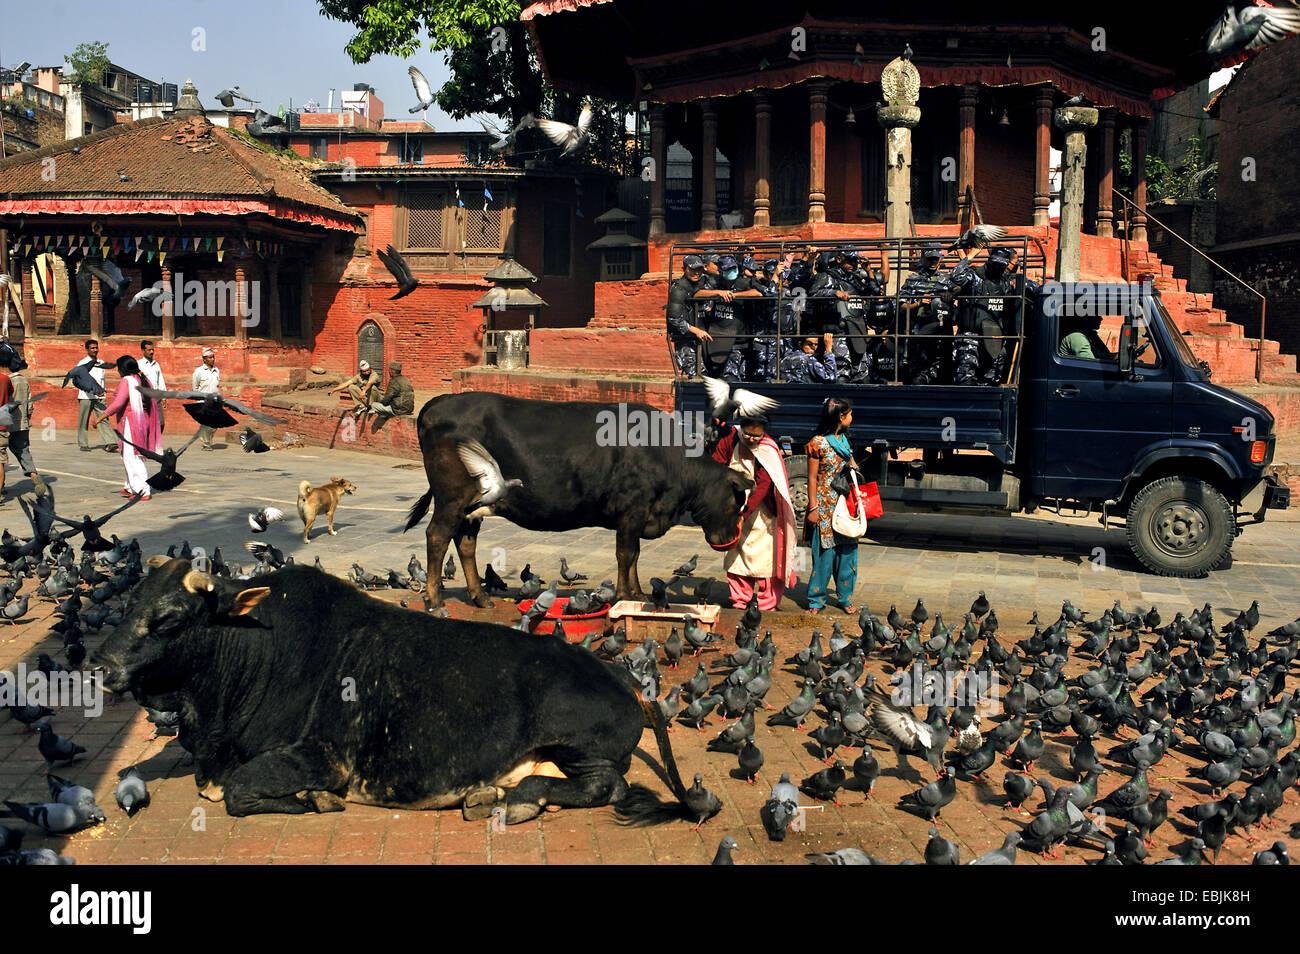 El ganado doméstico (Bos primigenius f. taurus), templo de Durbar Square rodeado de muchas personas, algunas vacas, innumerables palomas y una patrulla de la policía que pasaba, Nepal, Katmandú Foto de stock